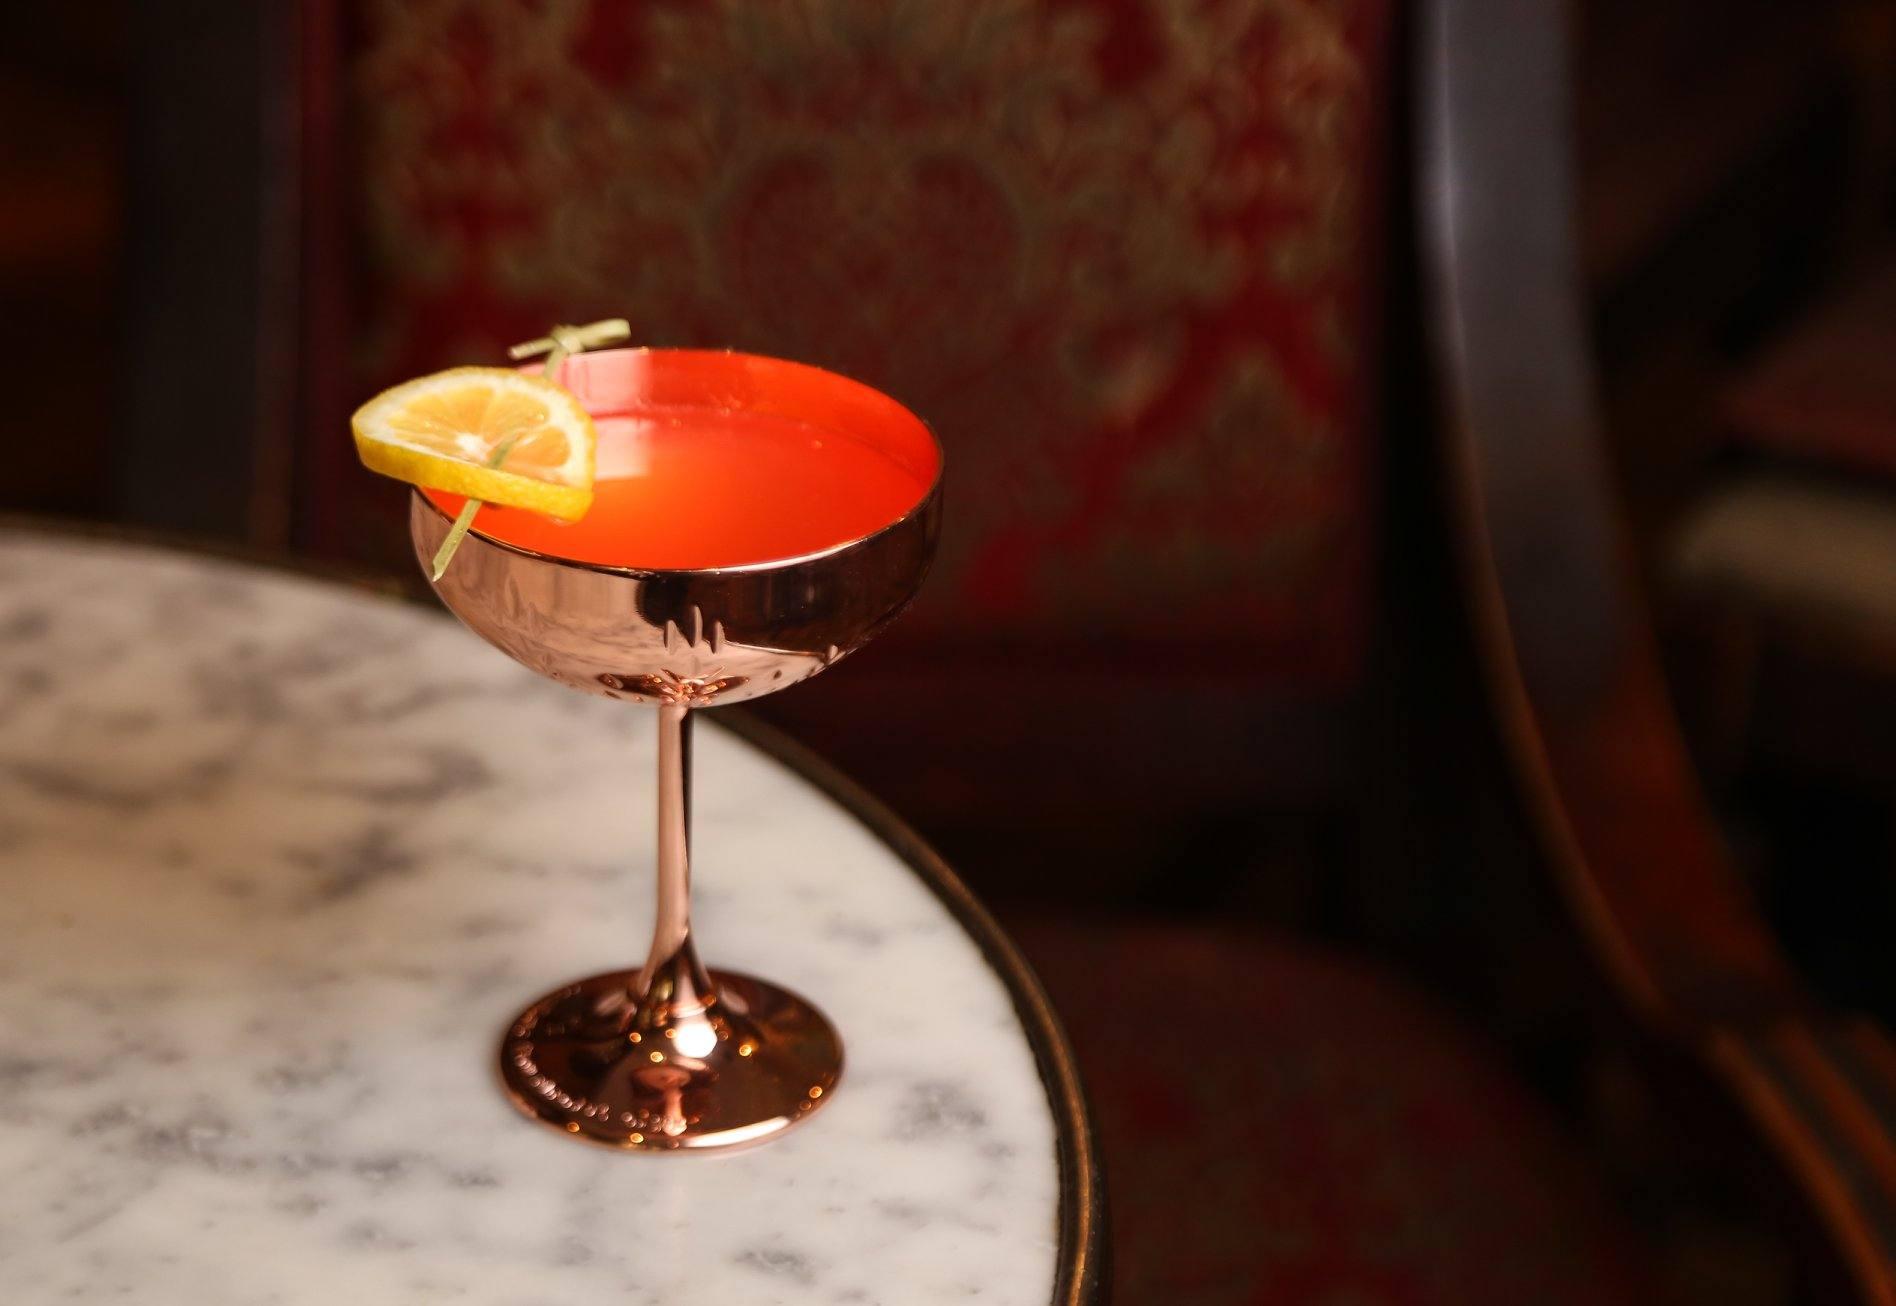 Mad Queen cocktail at Big Bar in Los Feliz